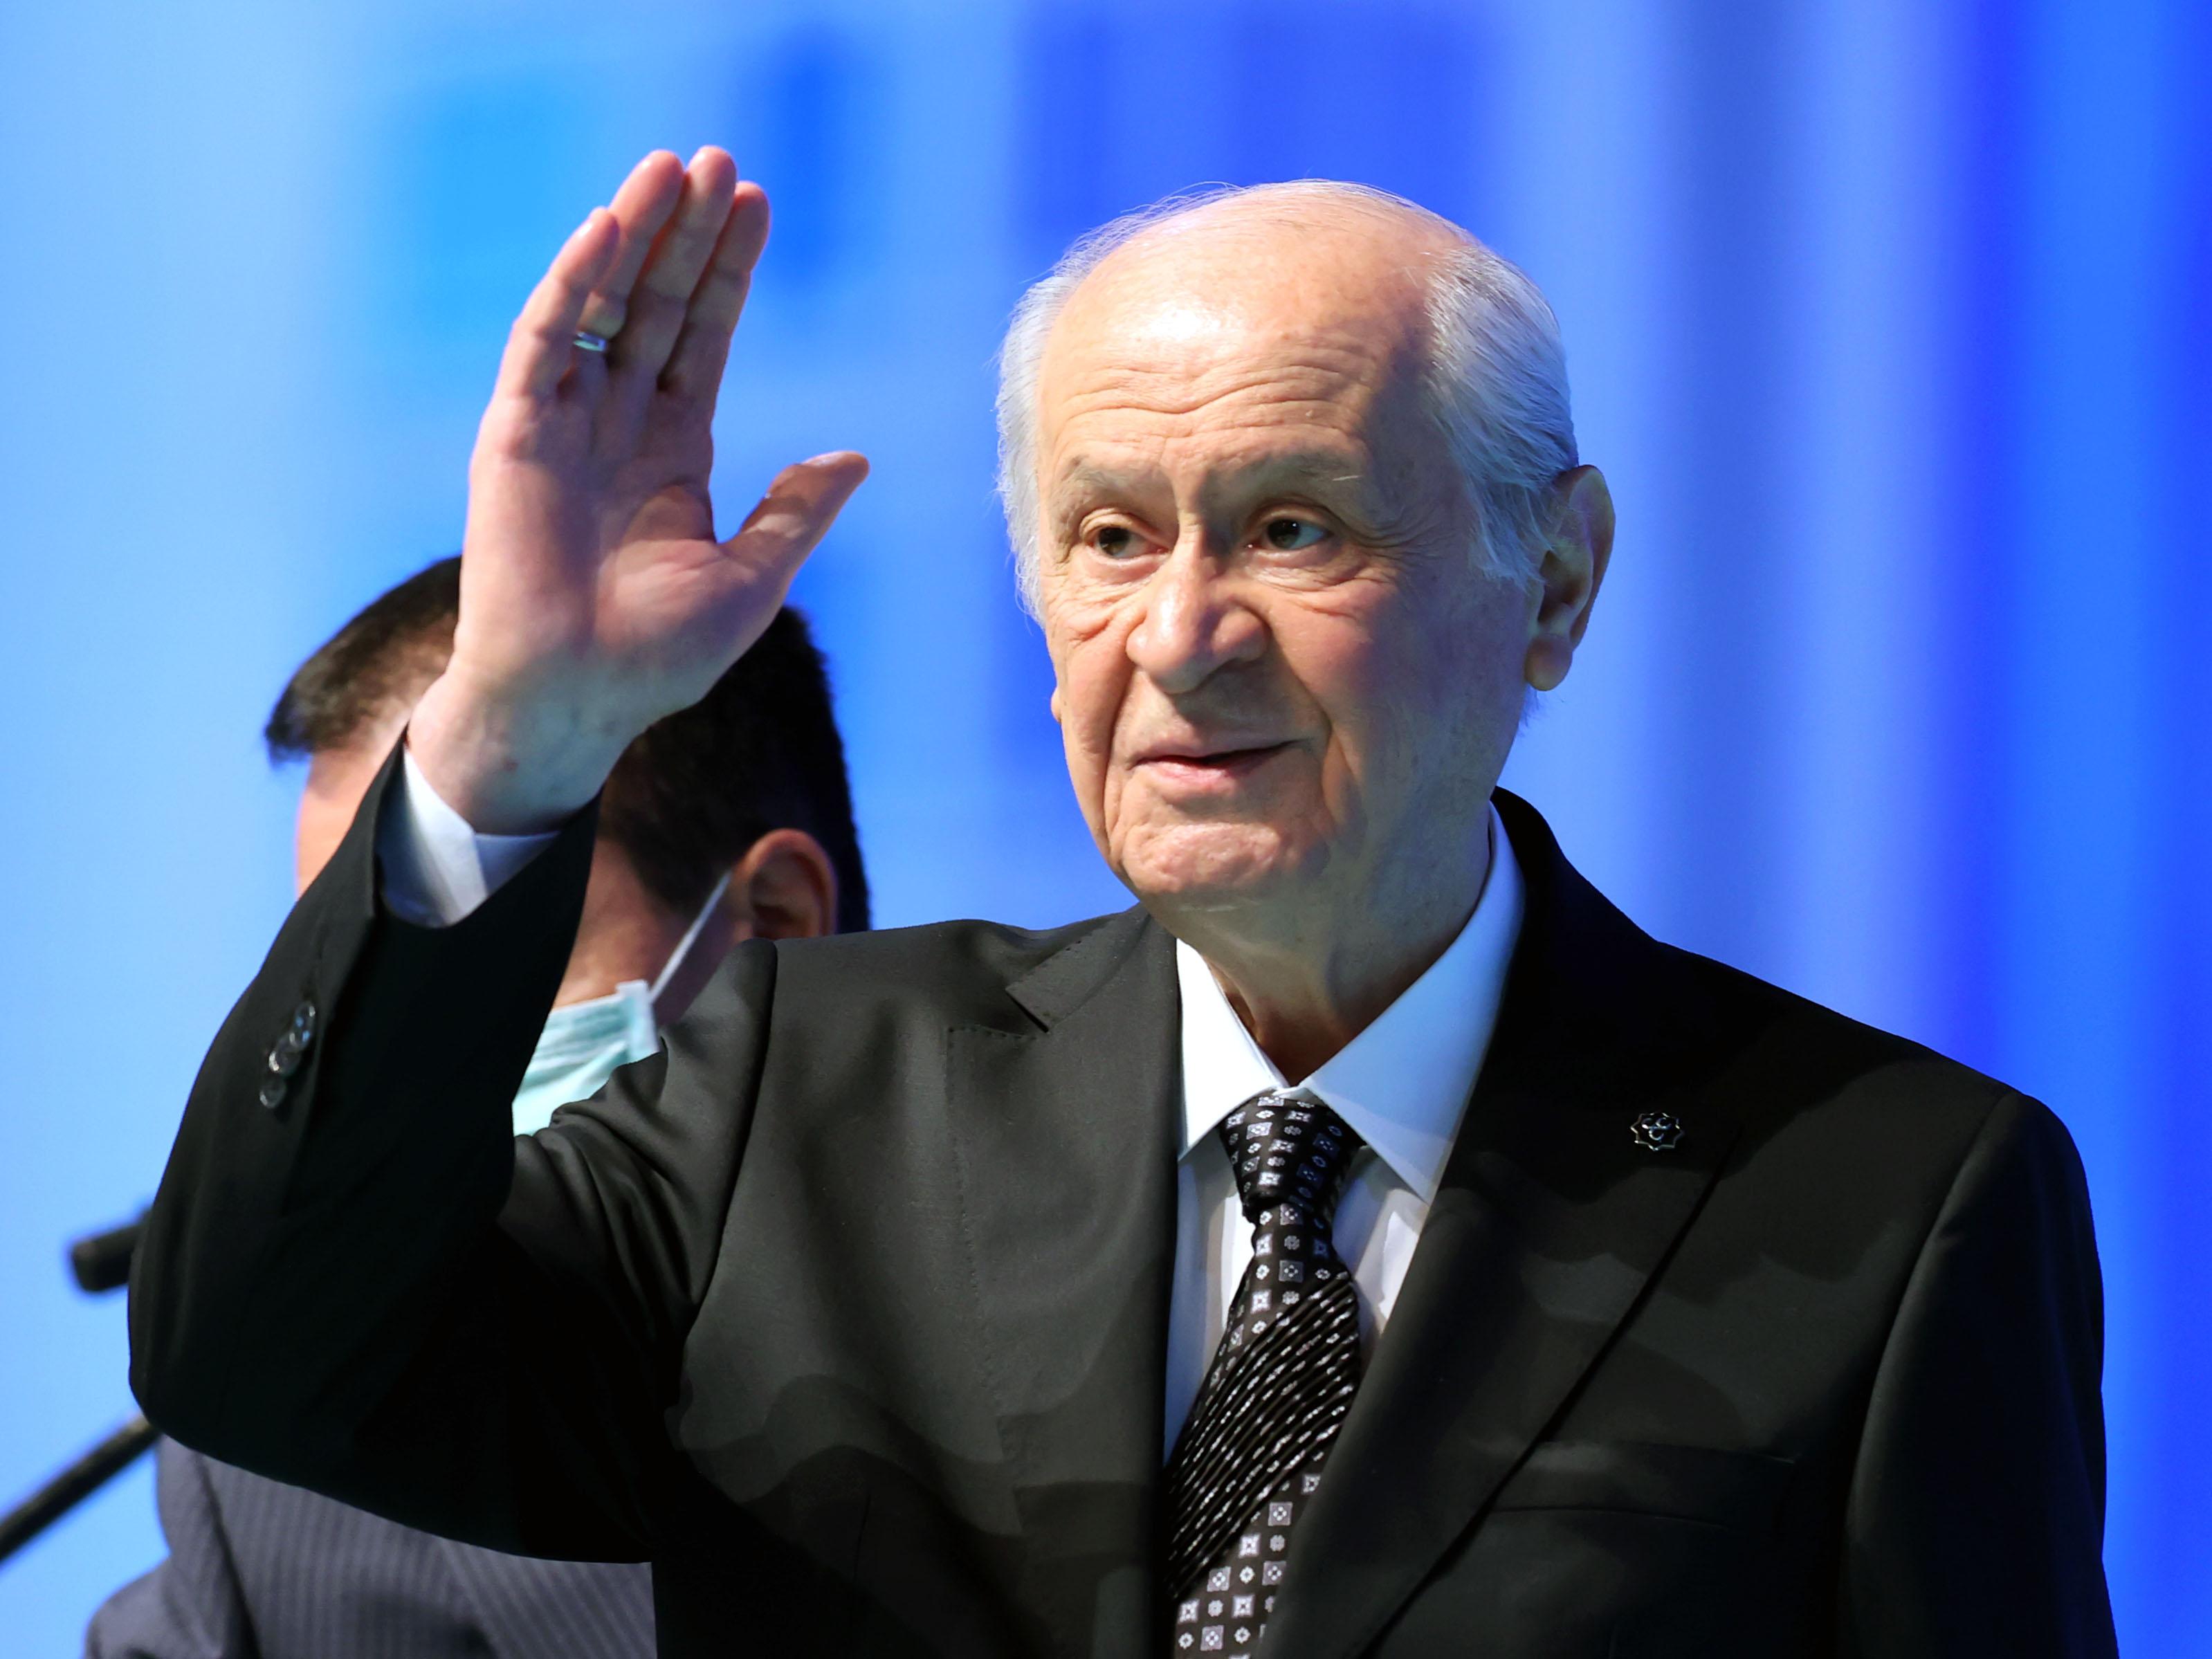 Son dakika... MHP Genel Başkanını seçti: Devlet Bahçeli aldığı bin 277 oyla yeniden seçildi